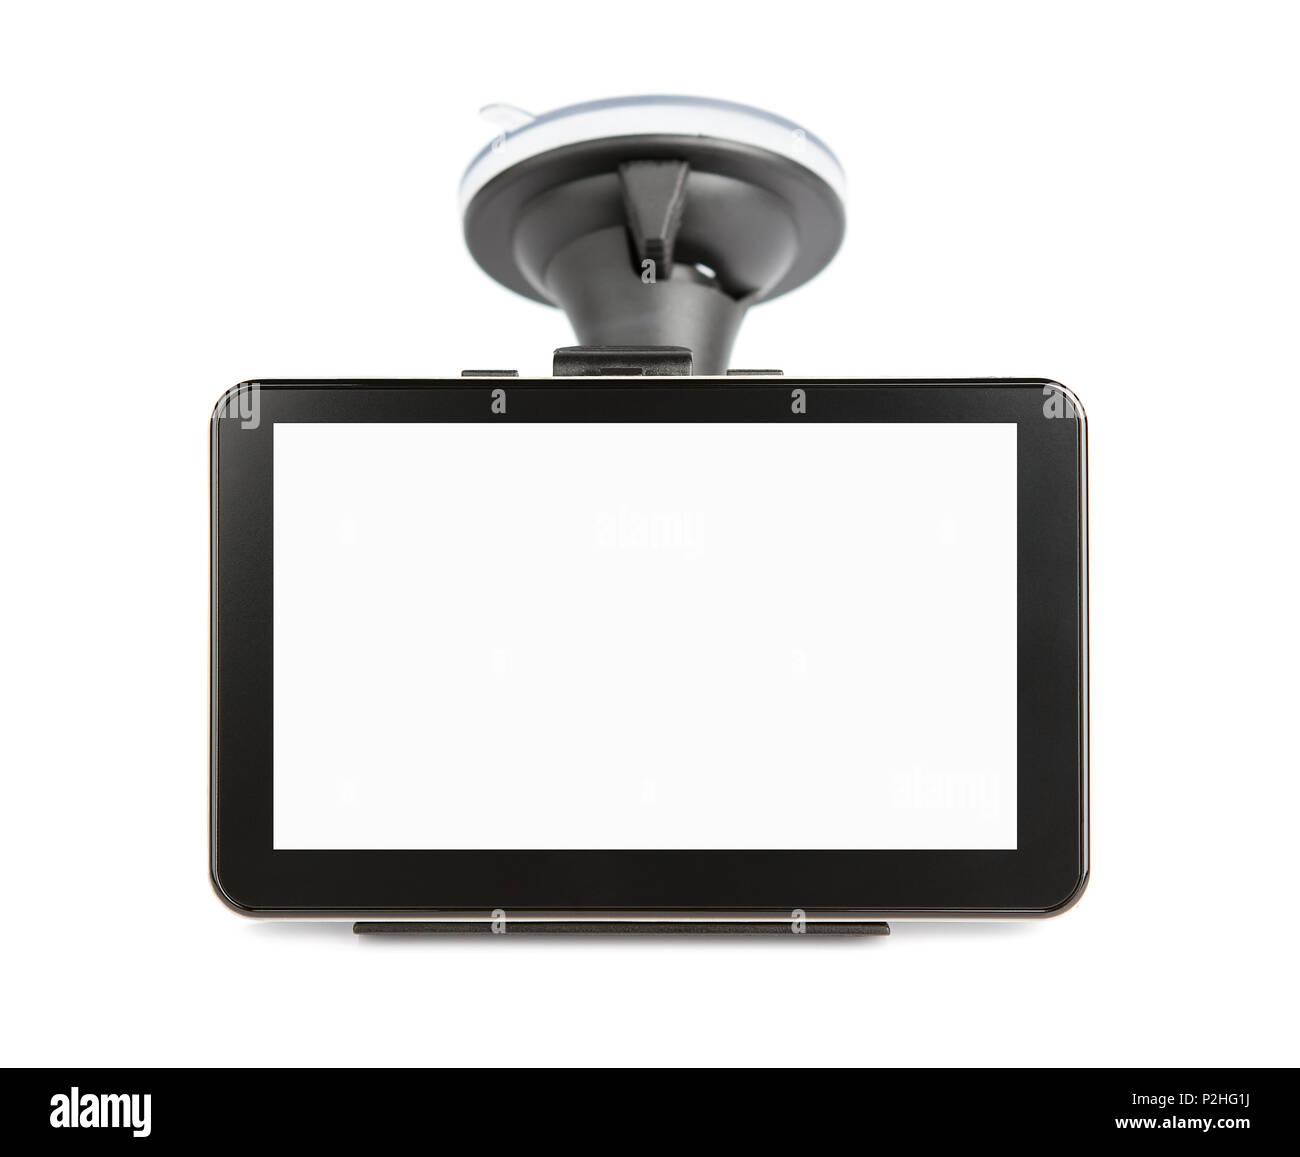 Blank gps device isolated on white background - Stock Image